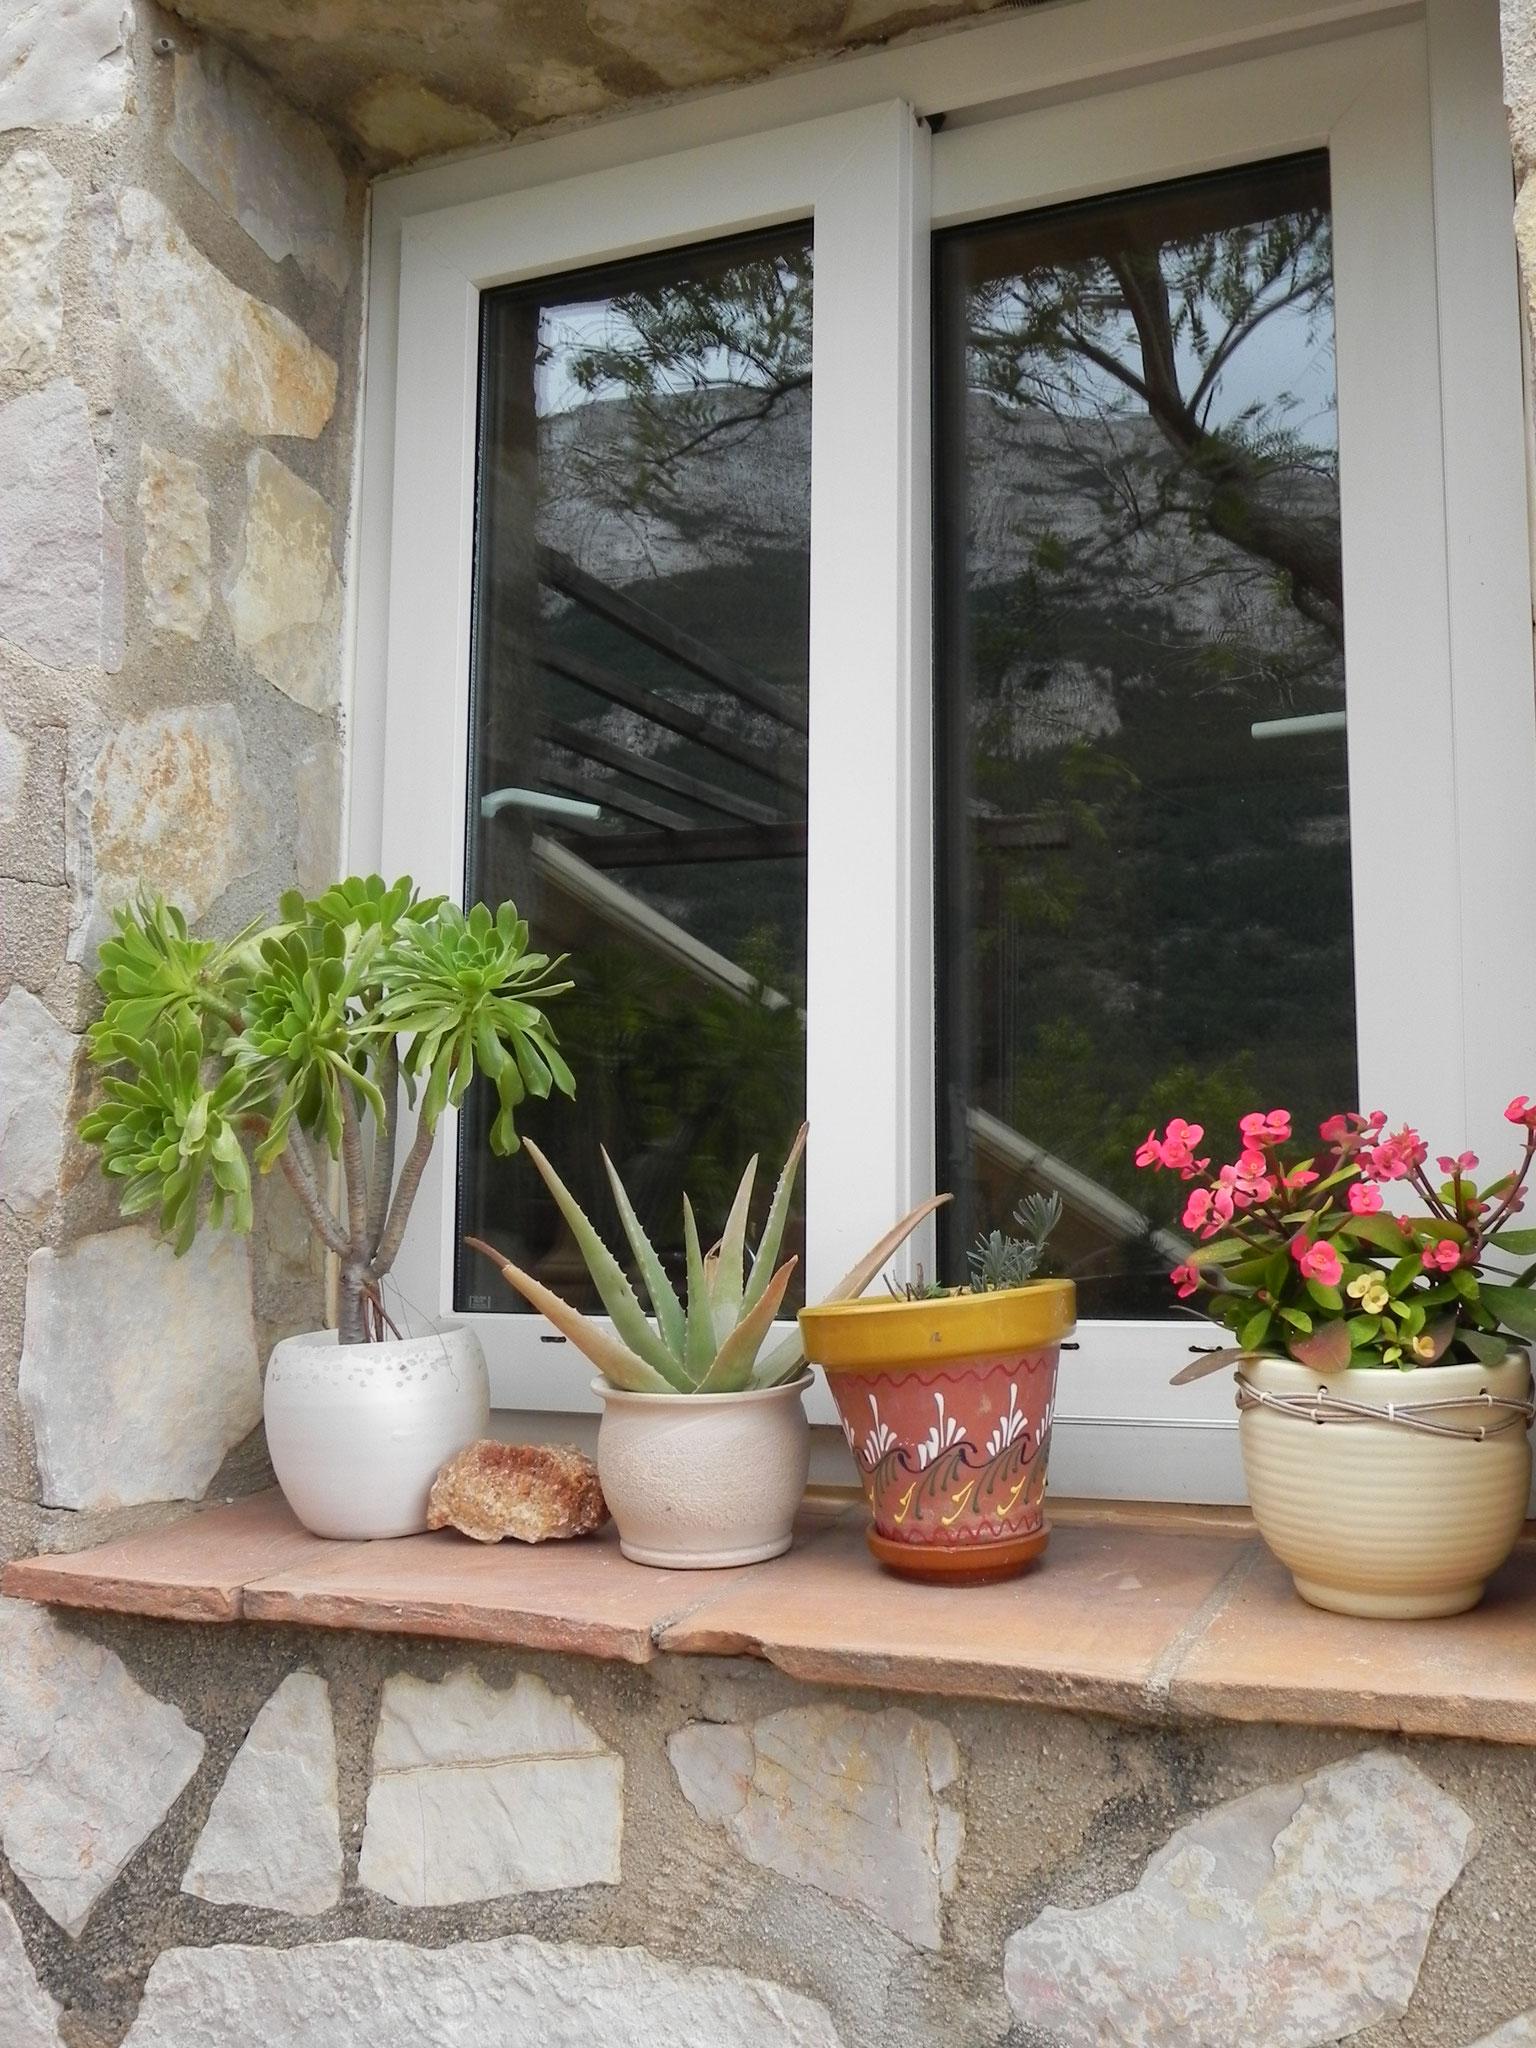 Fensterbank von außen